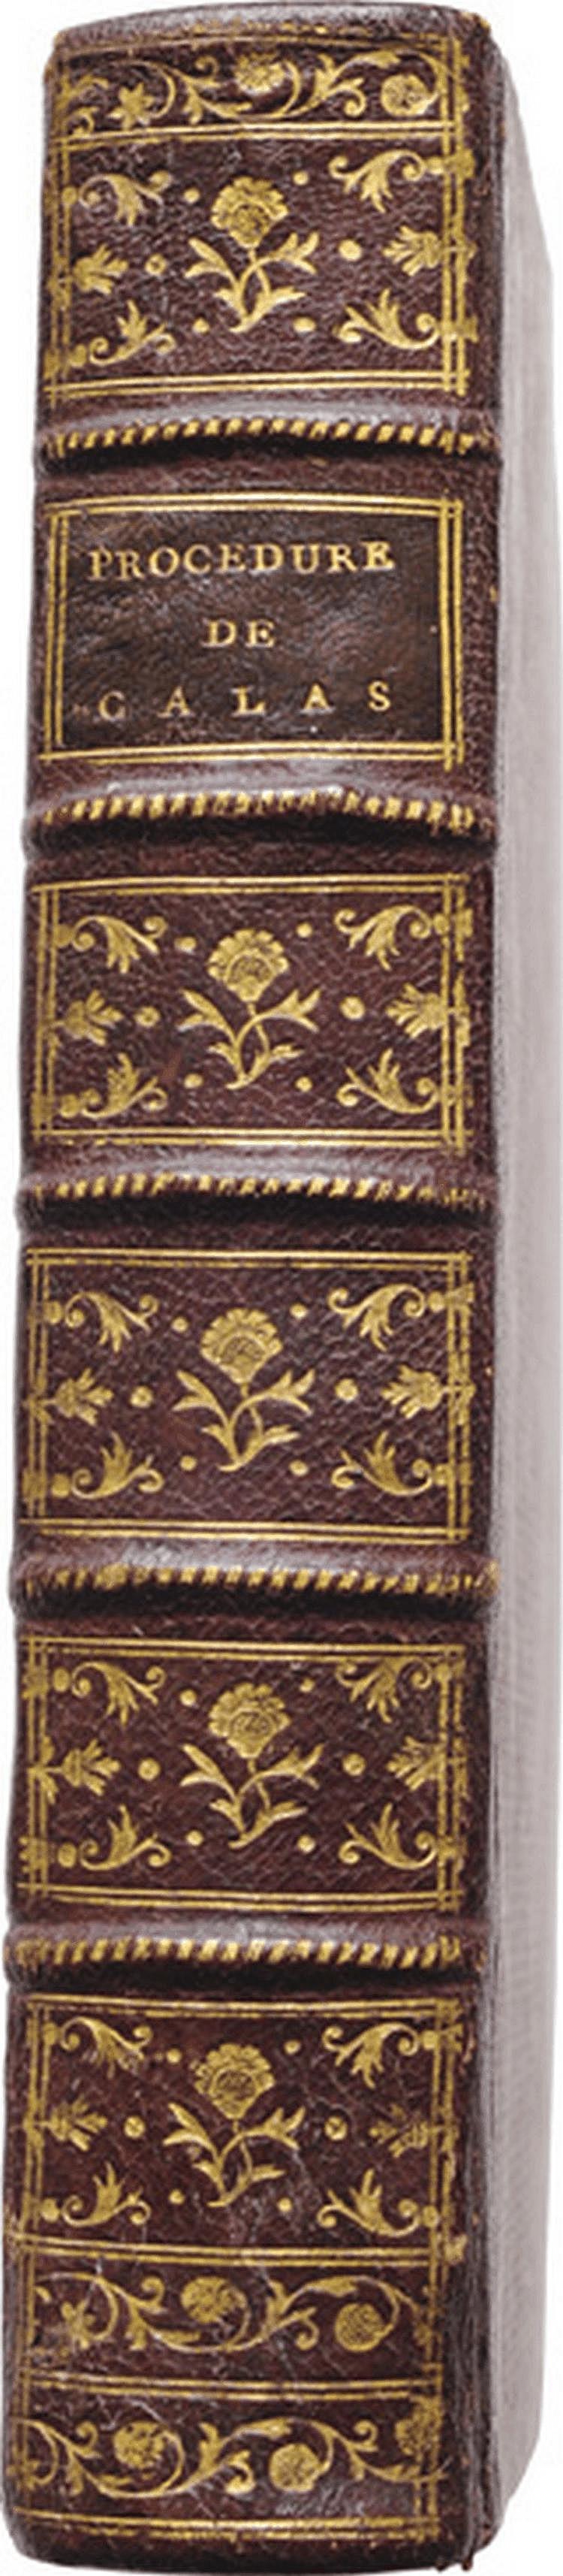 AFFAIRE CALAS. Recueil de différentes pièces sur l'affaire malheureuse de la famille des Calas ; in-8, demi-maroquin rouge, dos à nerfs orné de filets et de fleurons dorés, pièce de titre en maroquin havane, tranches rouges (Reliure de l'époque).